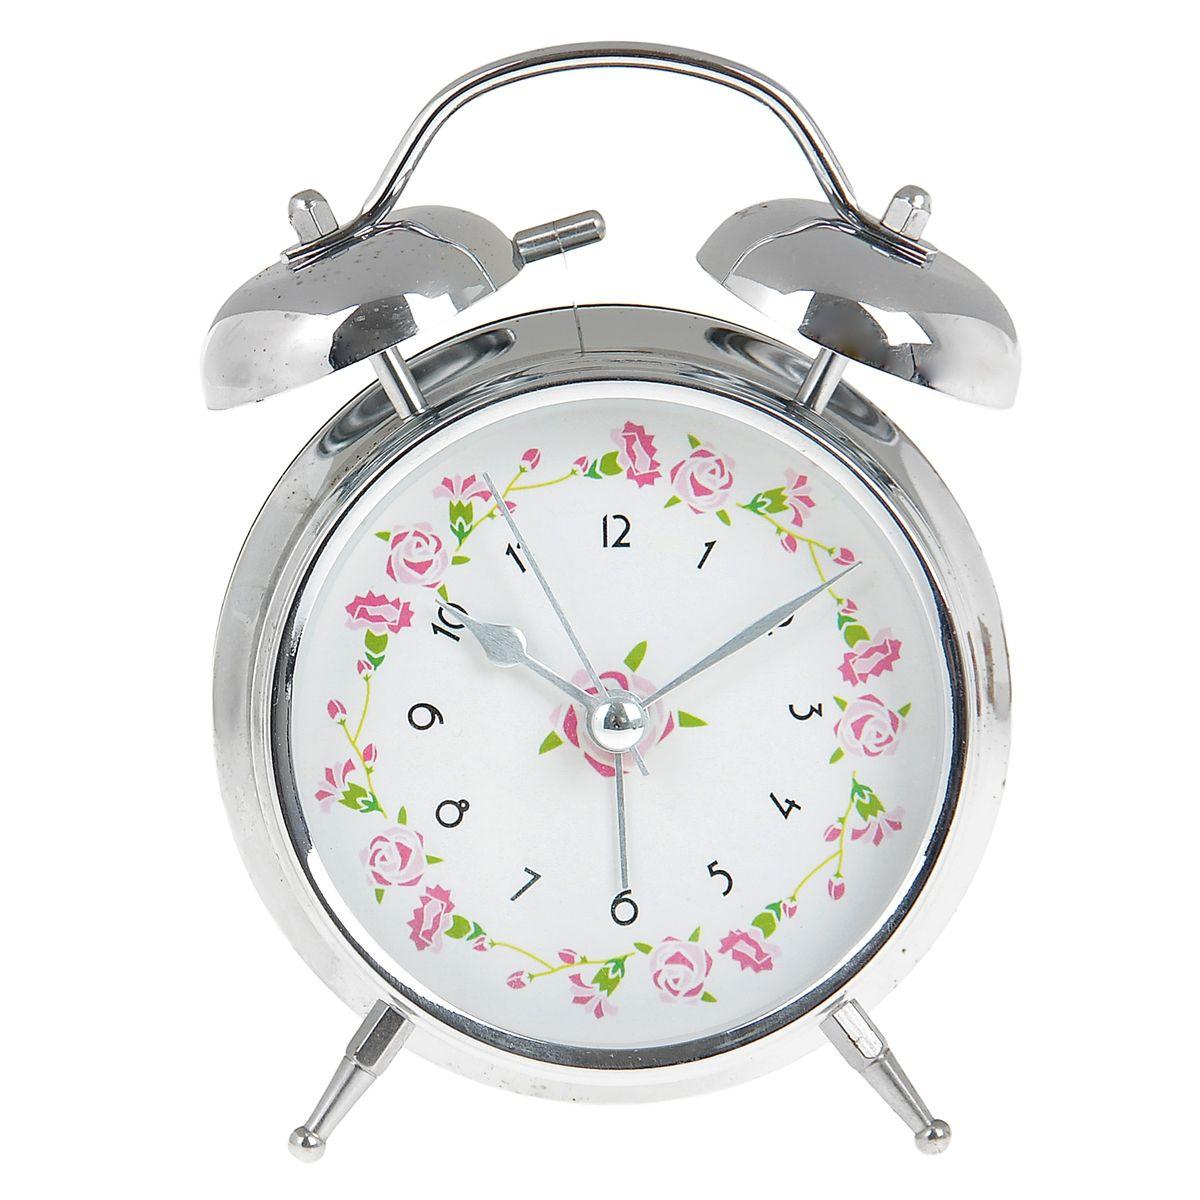 Часы-будильник Sima-land. 906609845897Как же сложно иногда вставать вовремя! Всегда так хочется поспать еще хотя бы 5 минут и бывает, что мы просыпаем. Теперь этого не случится! Яркий, оригинальный будильник Sima-land поможет вам всегда вставать в нужное время и успевать везде и всюду. Время показывает точно и будит в установленный час. Будильник украсит вашу комнату и приведет в восхищение друзей. На задней панели будильника расположены переключатель включения/выключения механизма и два колесика для настройки текущего времени и времени звонка будильника. Также будильник оснащен кнопкой, при нажатии и удержании которой, подсвечивается циферблат.Будильник работает от 2 батареек типа AA напряжением 1,5V (не входят в комплект).